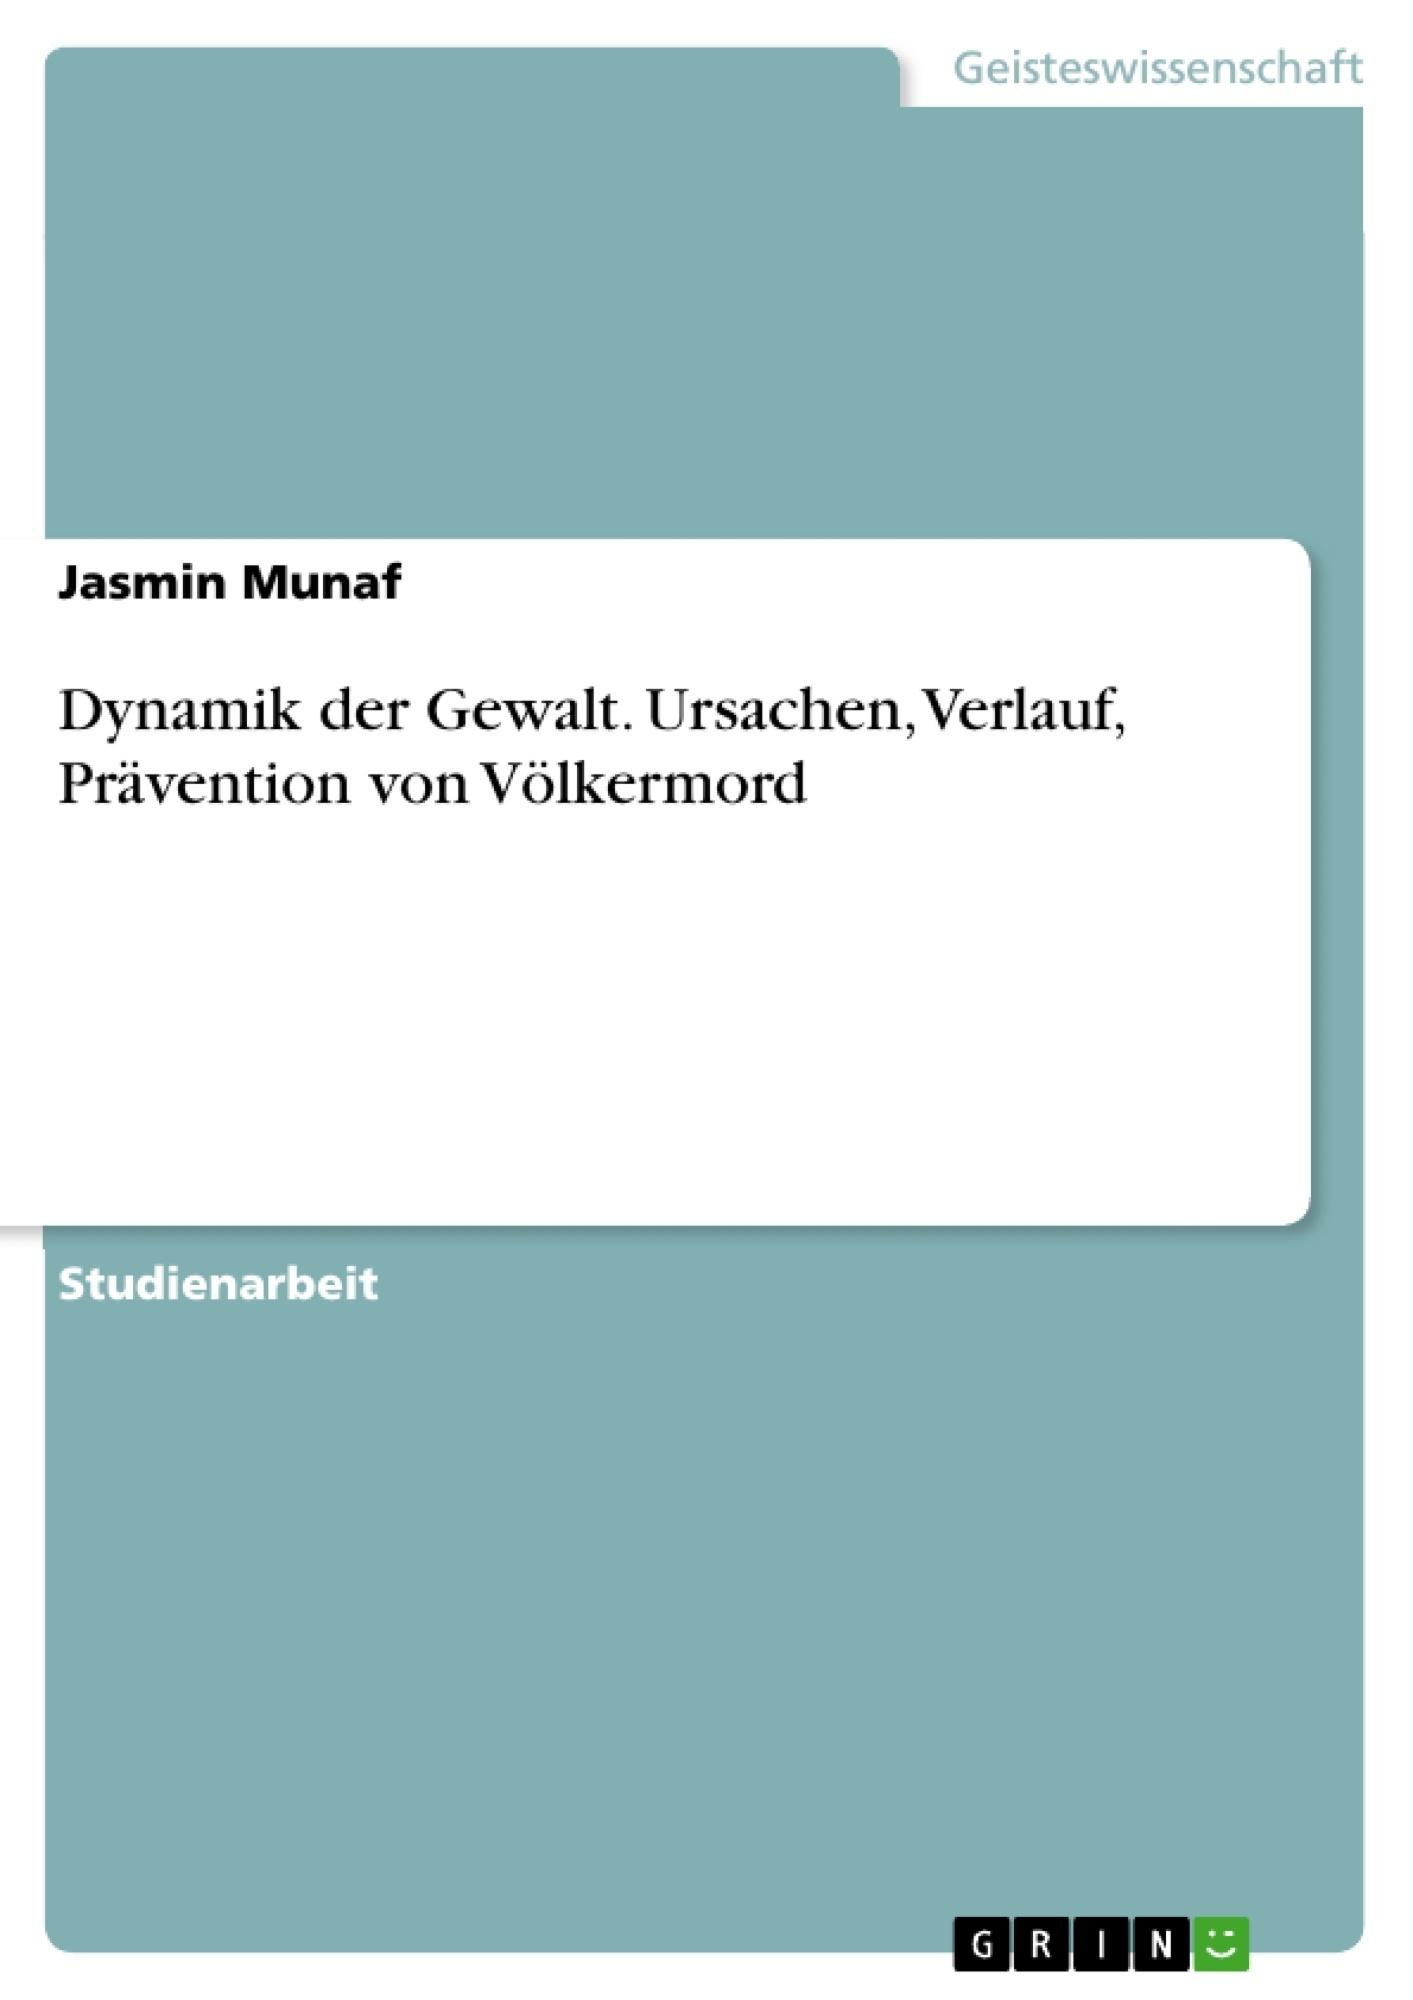 Titel: Dynamik der Gewalt. Ursachen, Verlauf, Prävention von Völkermord